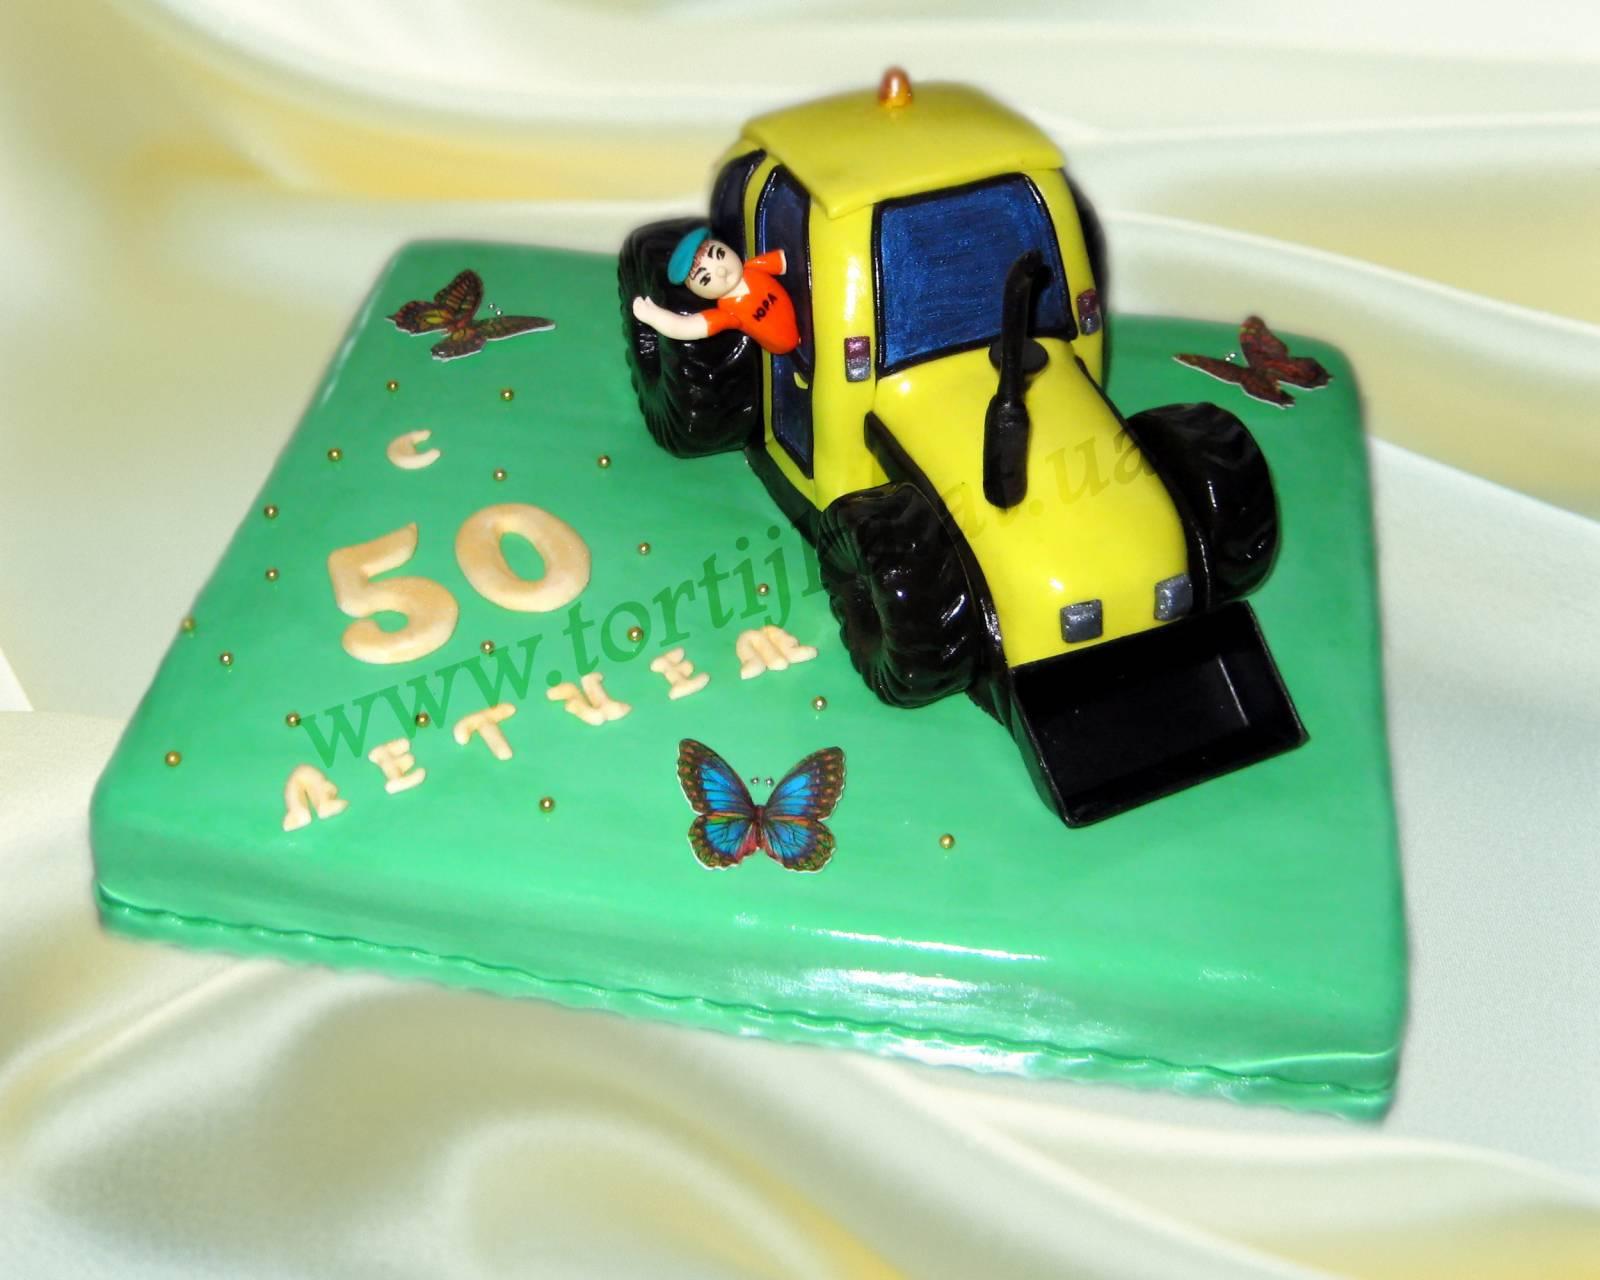 3 D торт Трактор. Как сделать 3D торт для мальчика 75